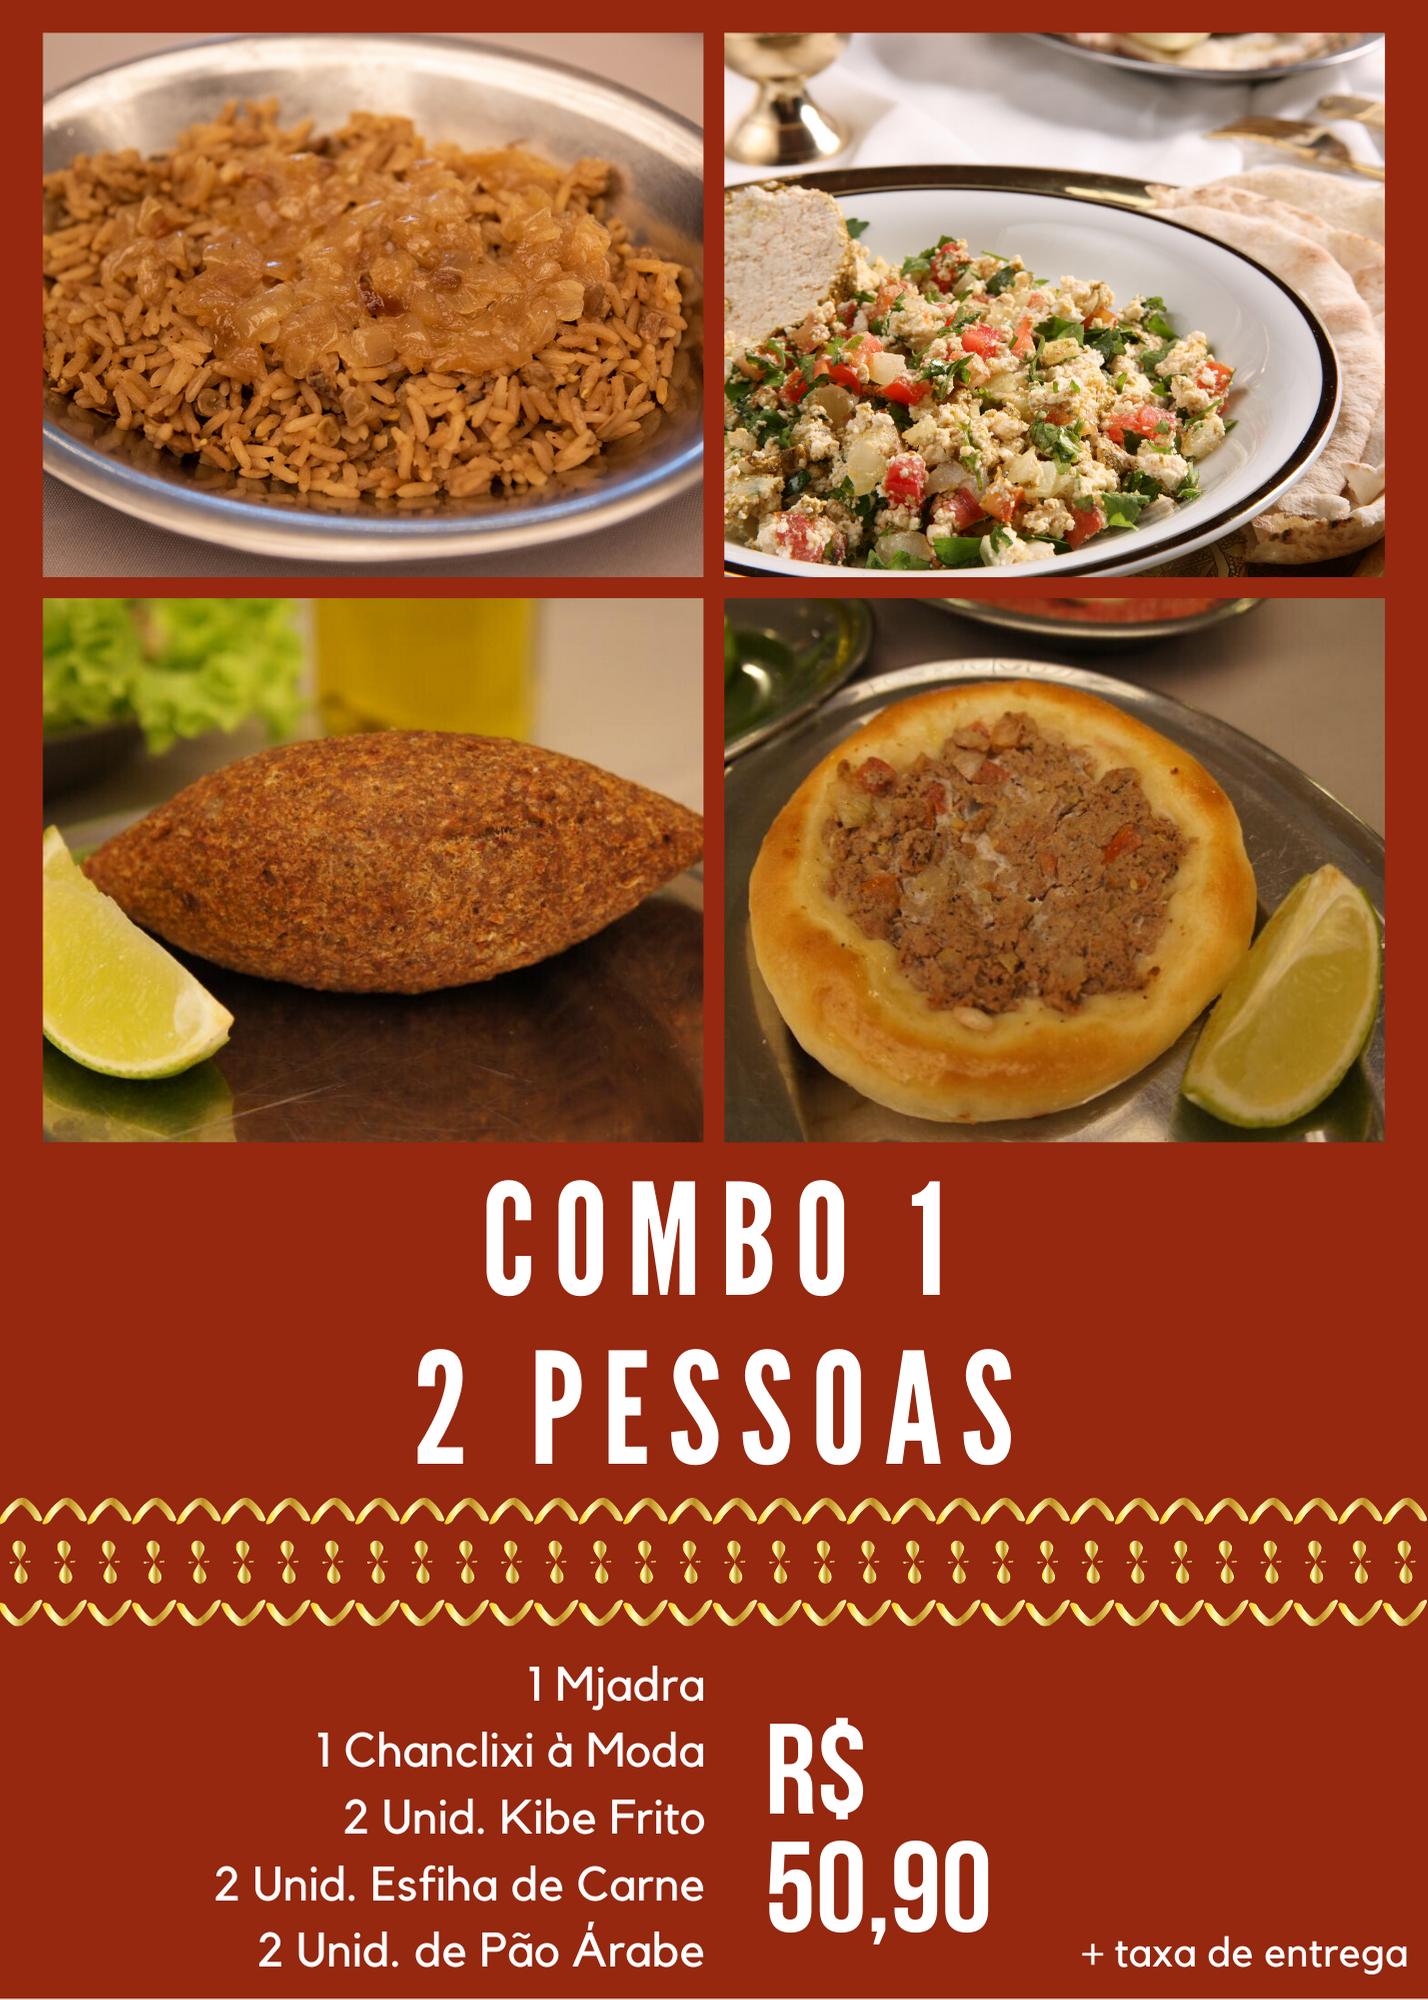 COMBO 1 - 2 PESSOAS - R$ 50,90